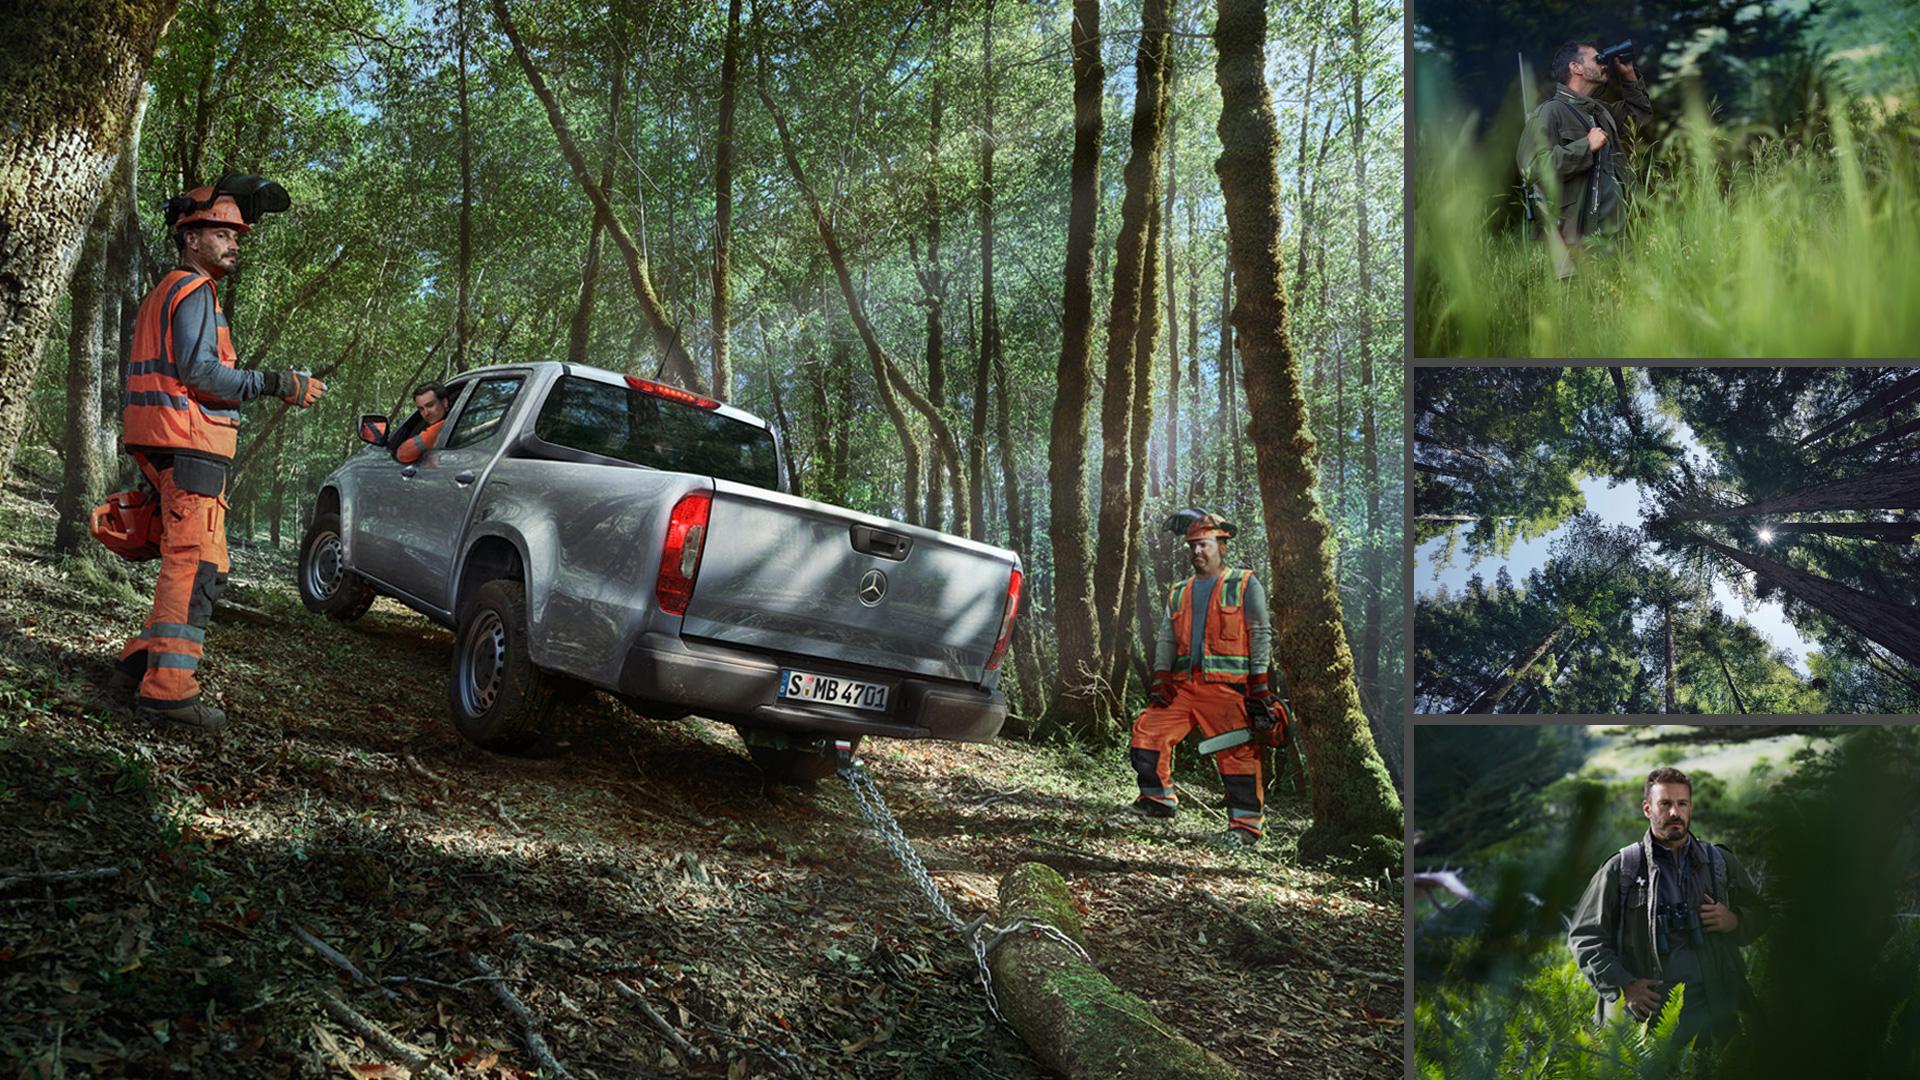 ©ankeluckmann x forest, Mercedes Benz X-Klasse, Anke Luckmann, ©ankeluckmann, campaign, LLR, kai tietz, www.ankeluckmann.com, recom